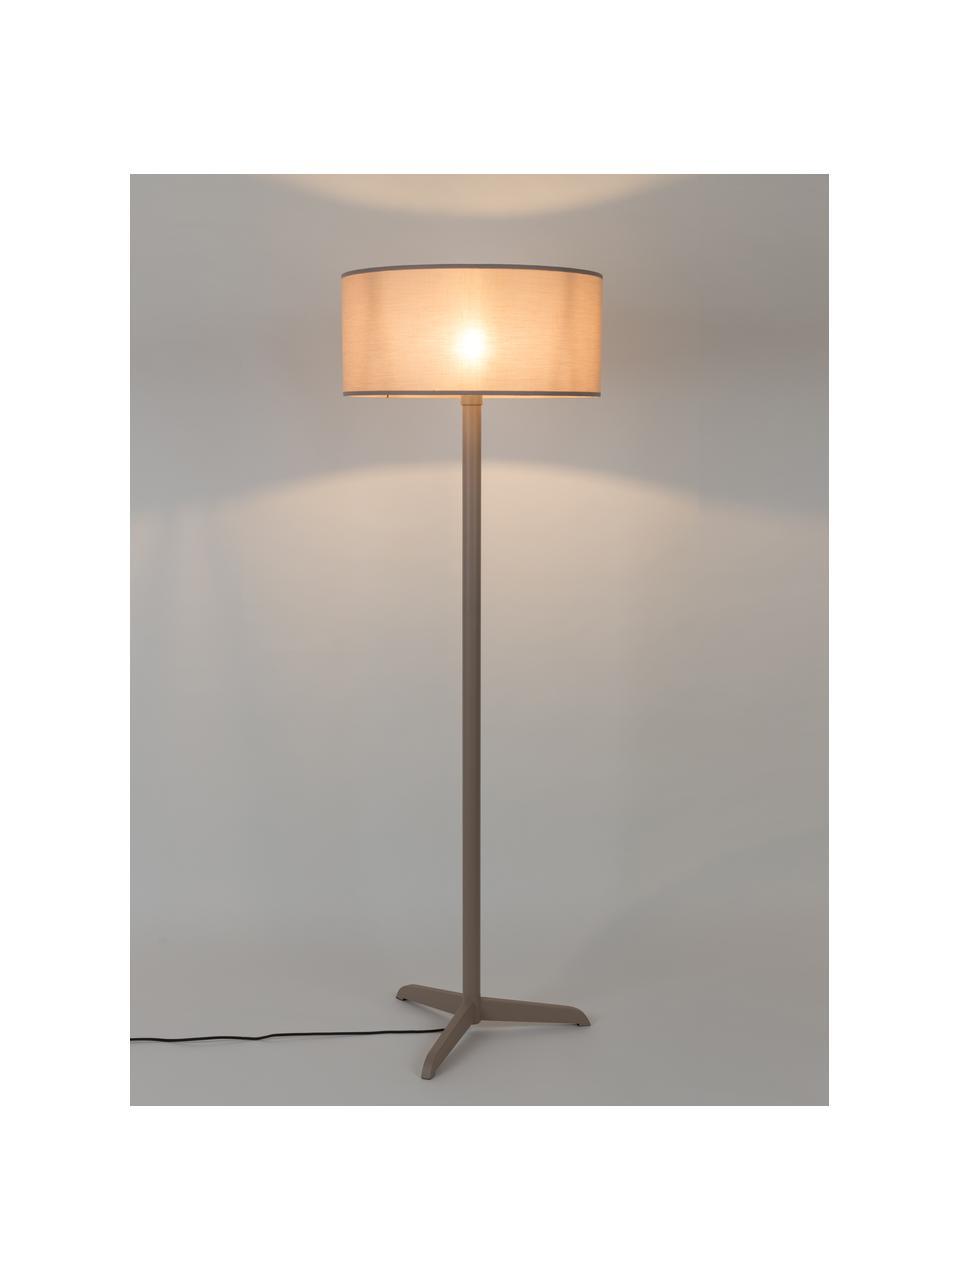 Vloerlamp Shelby in beige, Lampenkap: 80% linnen, 20% katoen, Lampvoet: gecoat metaal, Beige, Ø 50 x H 155 cm